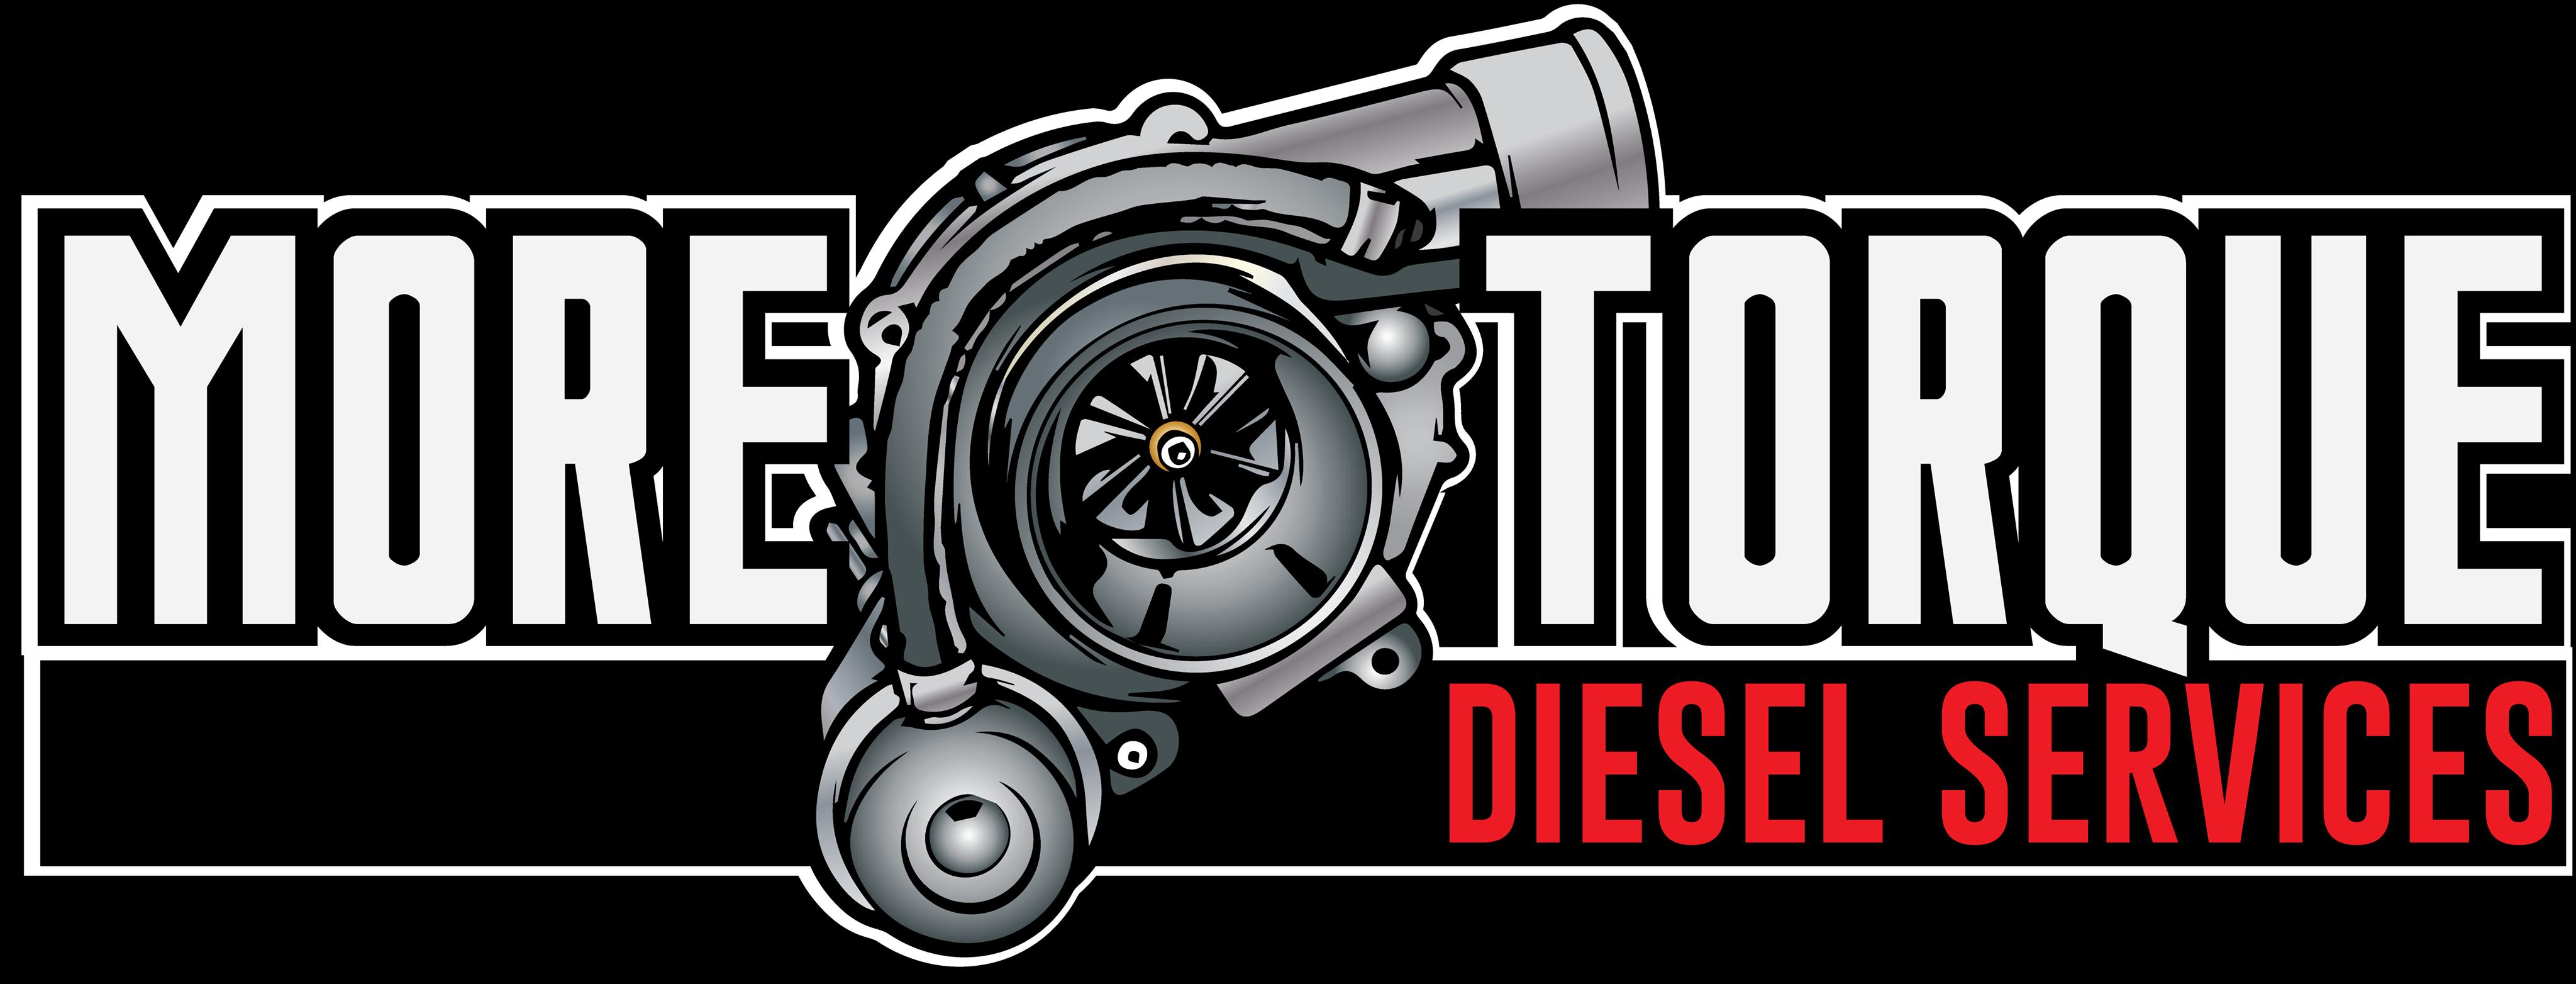 More Torque Diesel